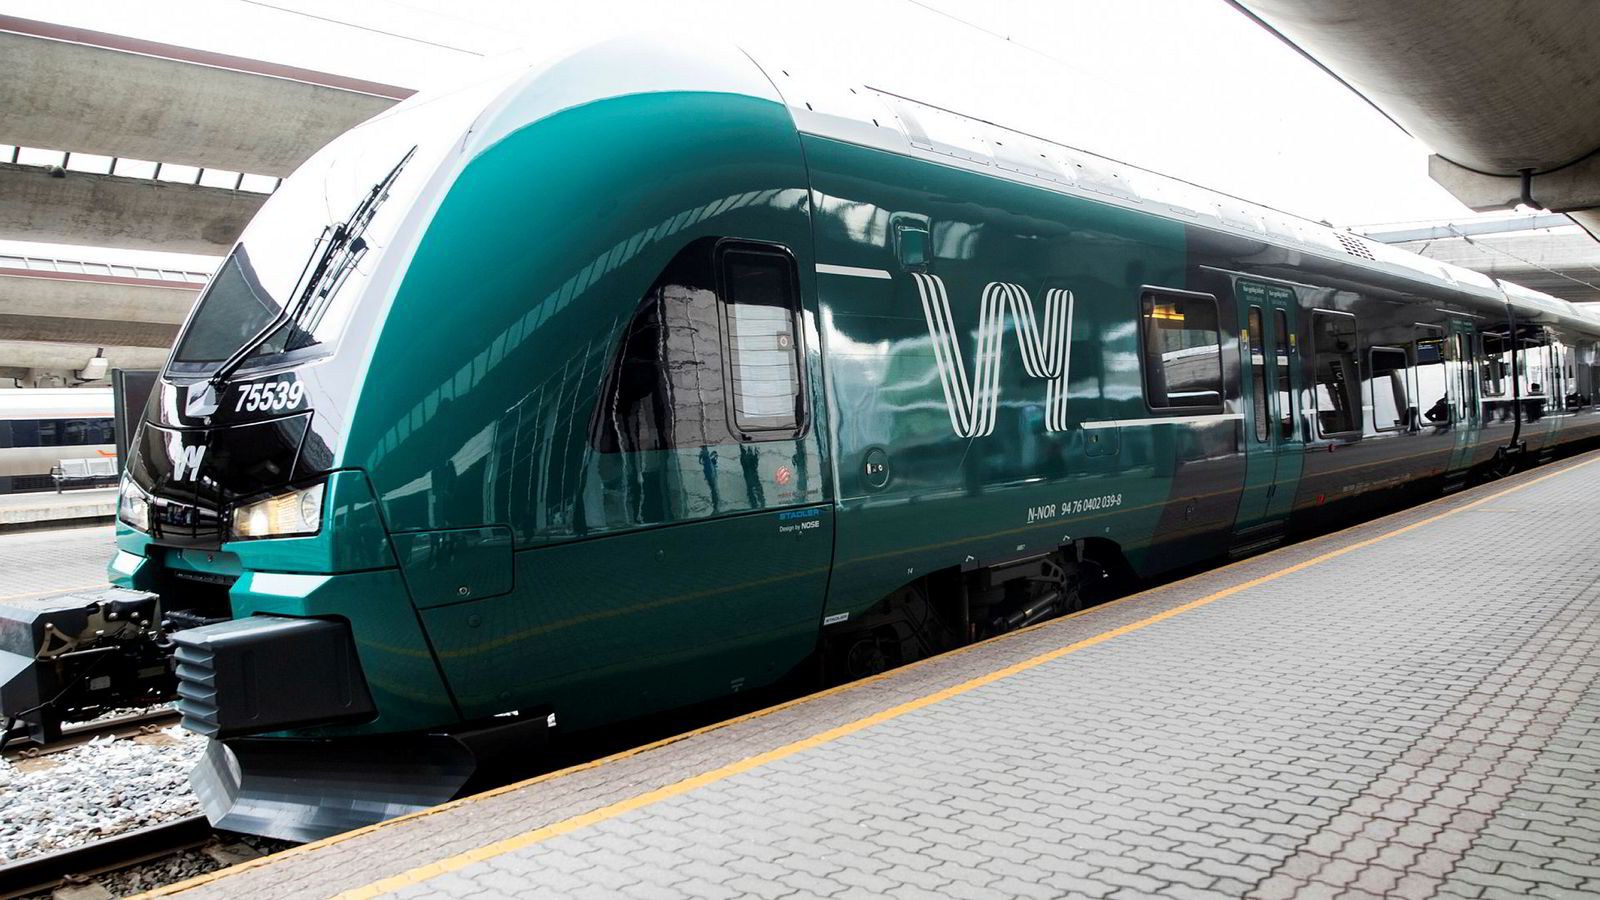 På flere togstrekninger måtte de reisende ta buss for tog mens arbeidet med oppgradering av jernbanen ble gjort om sommeren. Nå er det likevel mange innstilte tog etter at togene skulle gått som normalt igjen.